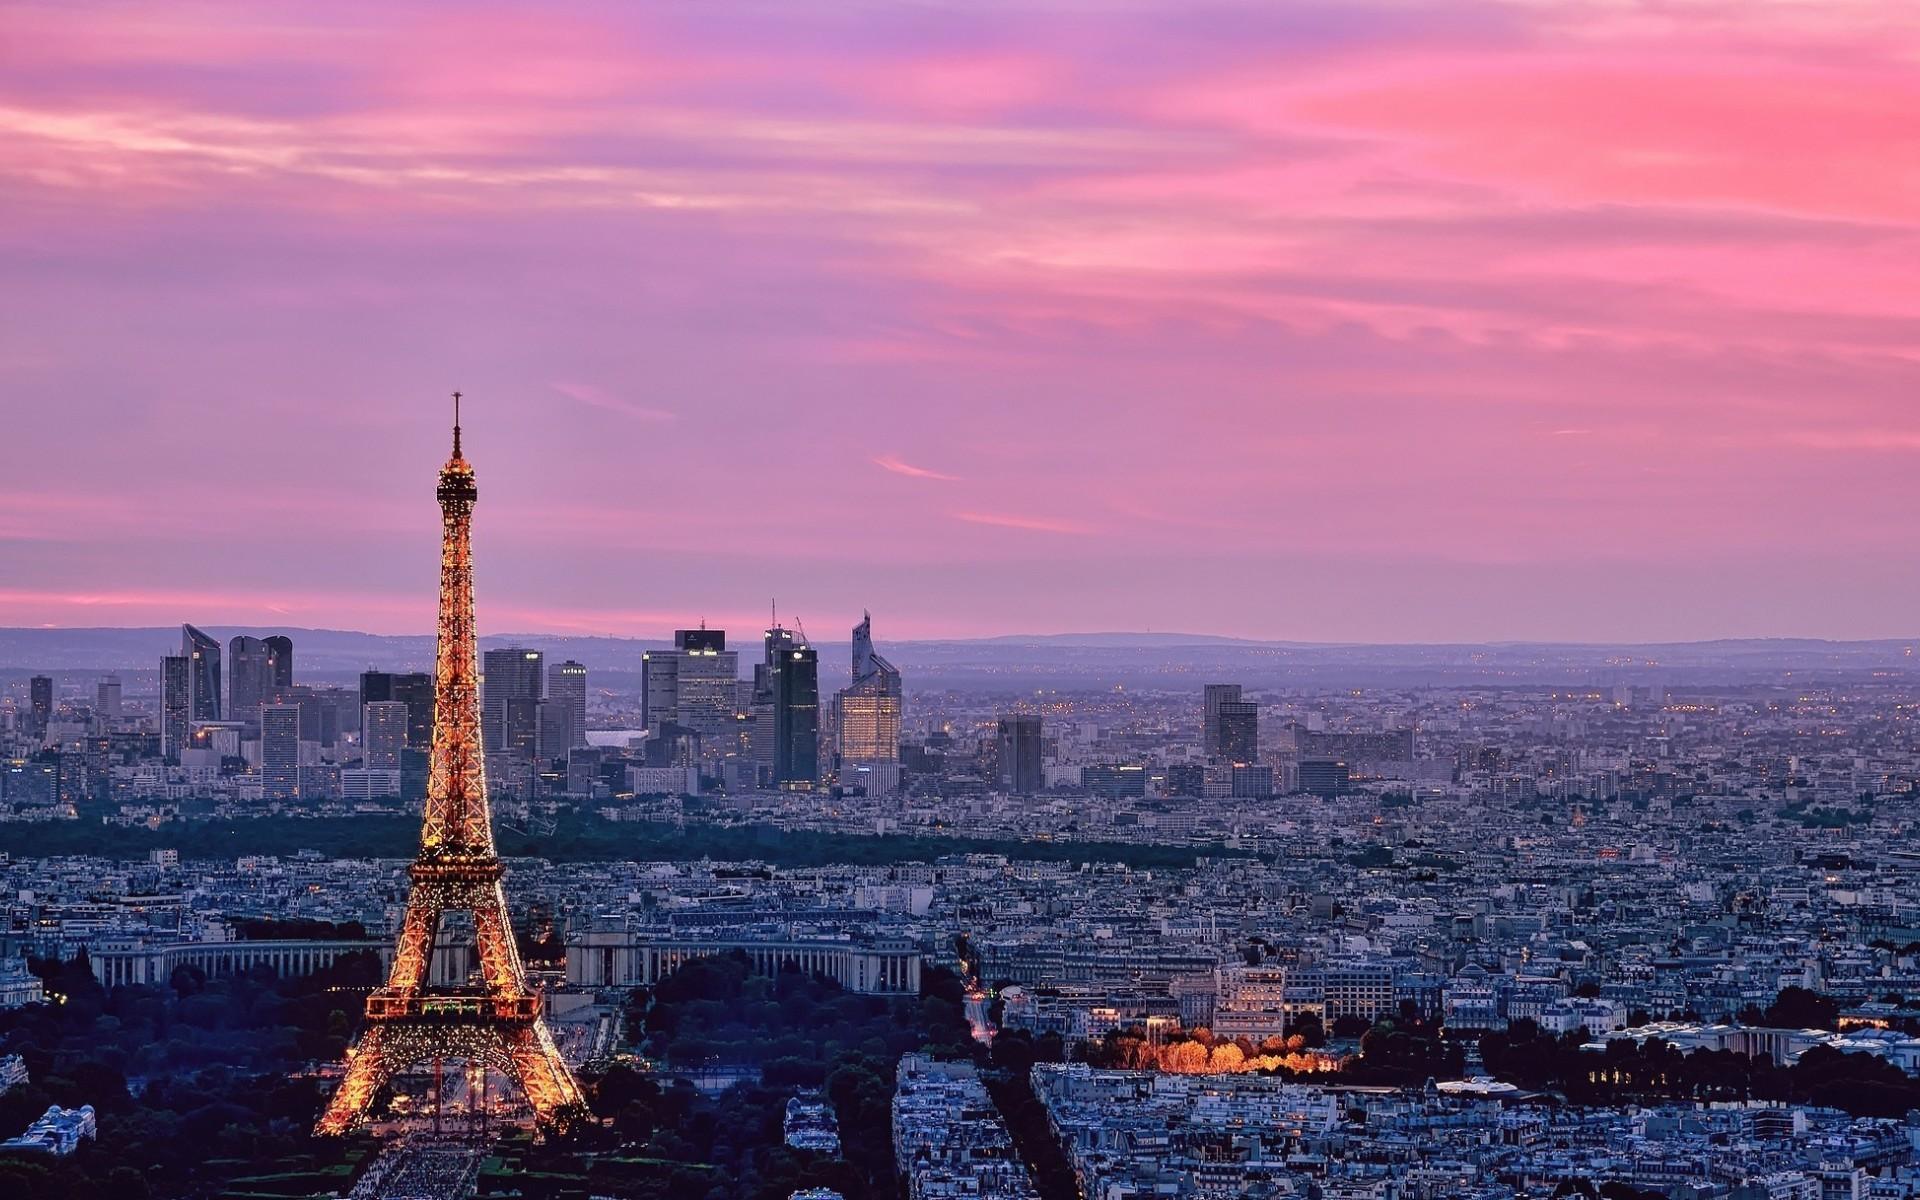 73 ] Wallpaper Paris On WallpaperSafari